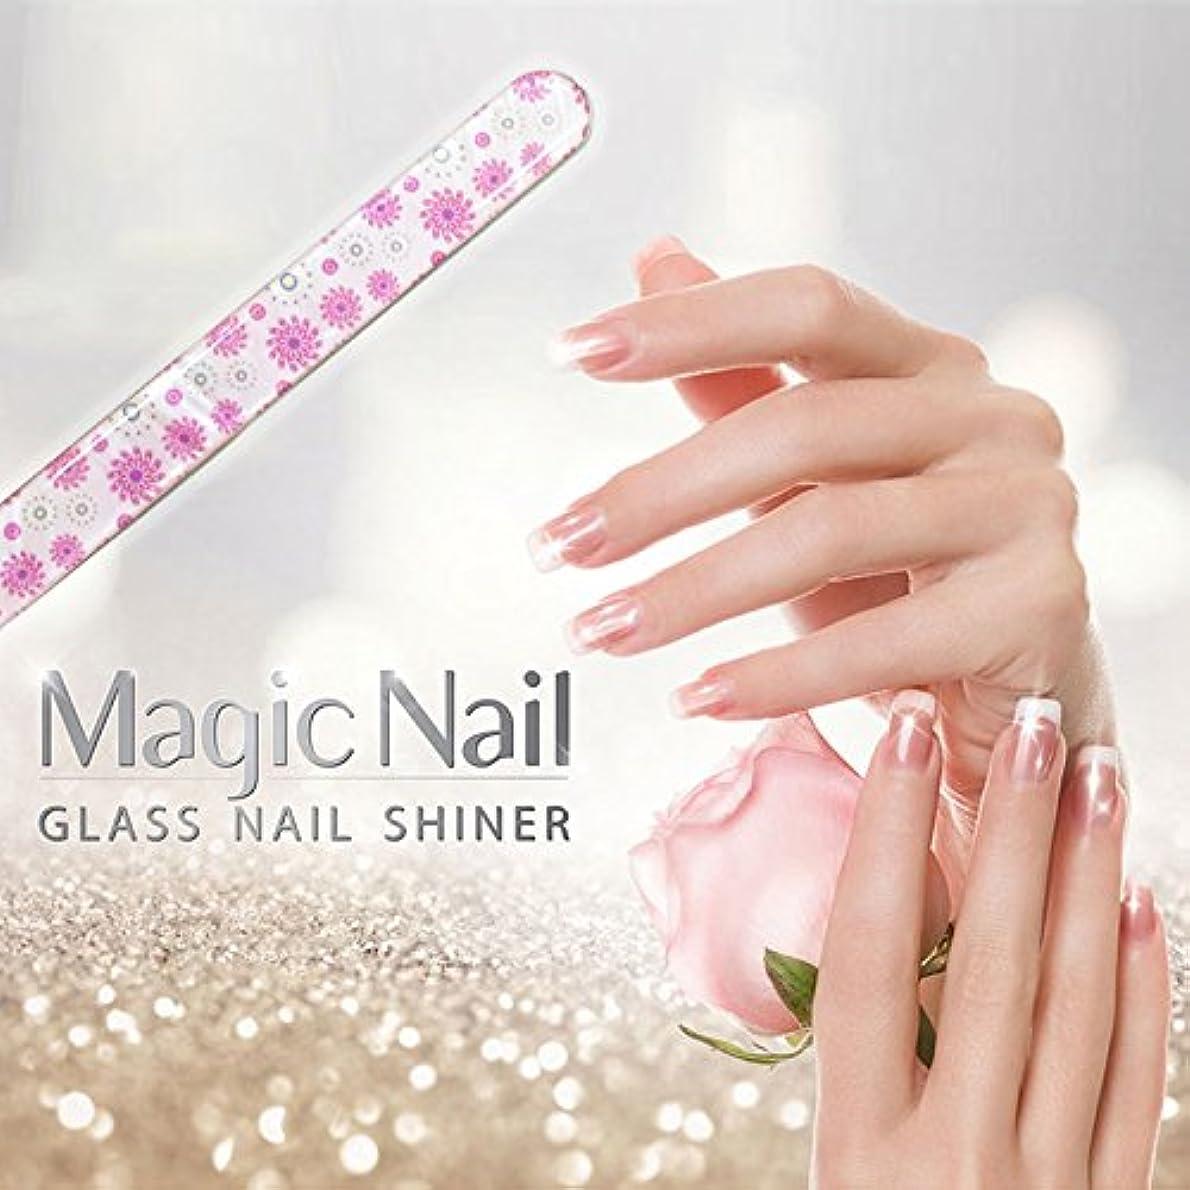 じゃがいも多くの危険がある状況抜け目がないエッサンテ(Essante) マジックネイル magic nail マニキュアを塗ったようなツヤ、輝きが家で誰でも簡単に出来る glass nail shiner ガラスネイルシャイナー おしゃれなデザイン つめやすり ...